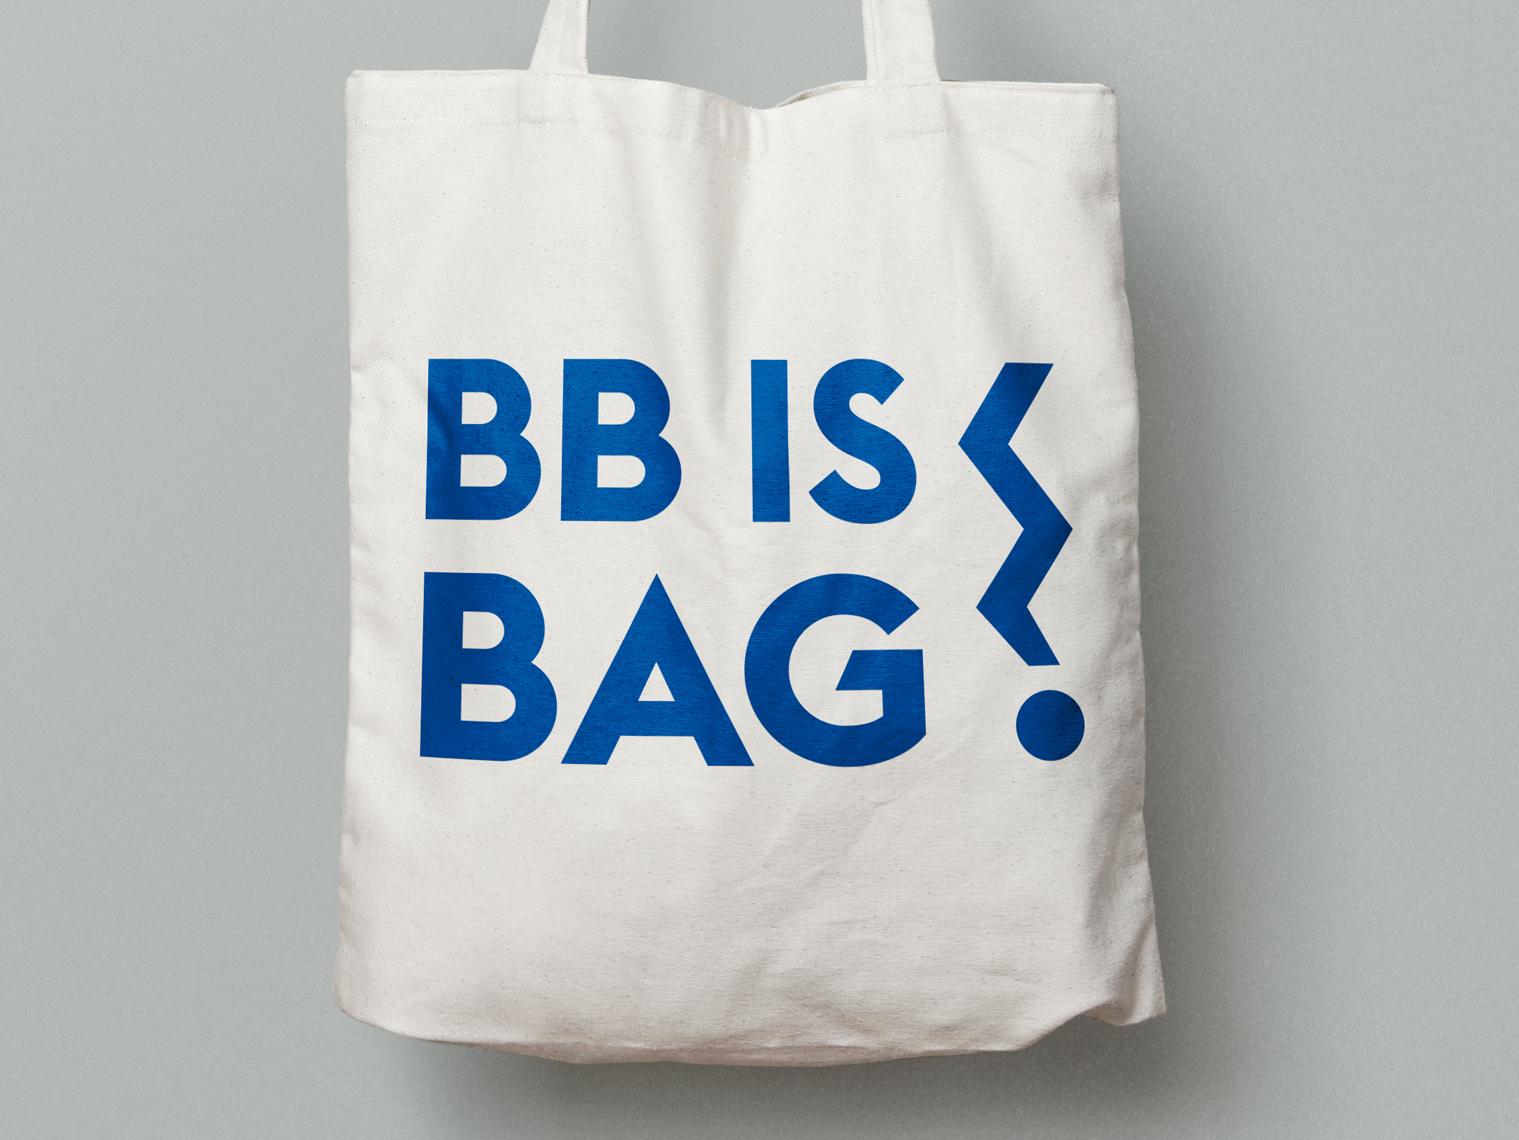 BBisBag-1505404628.jpg